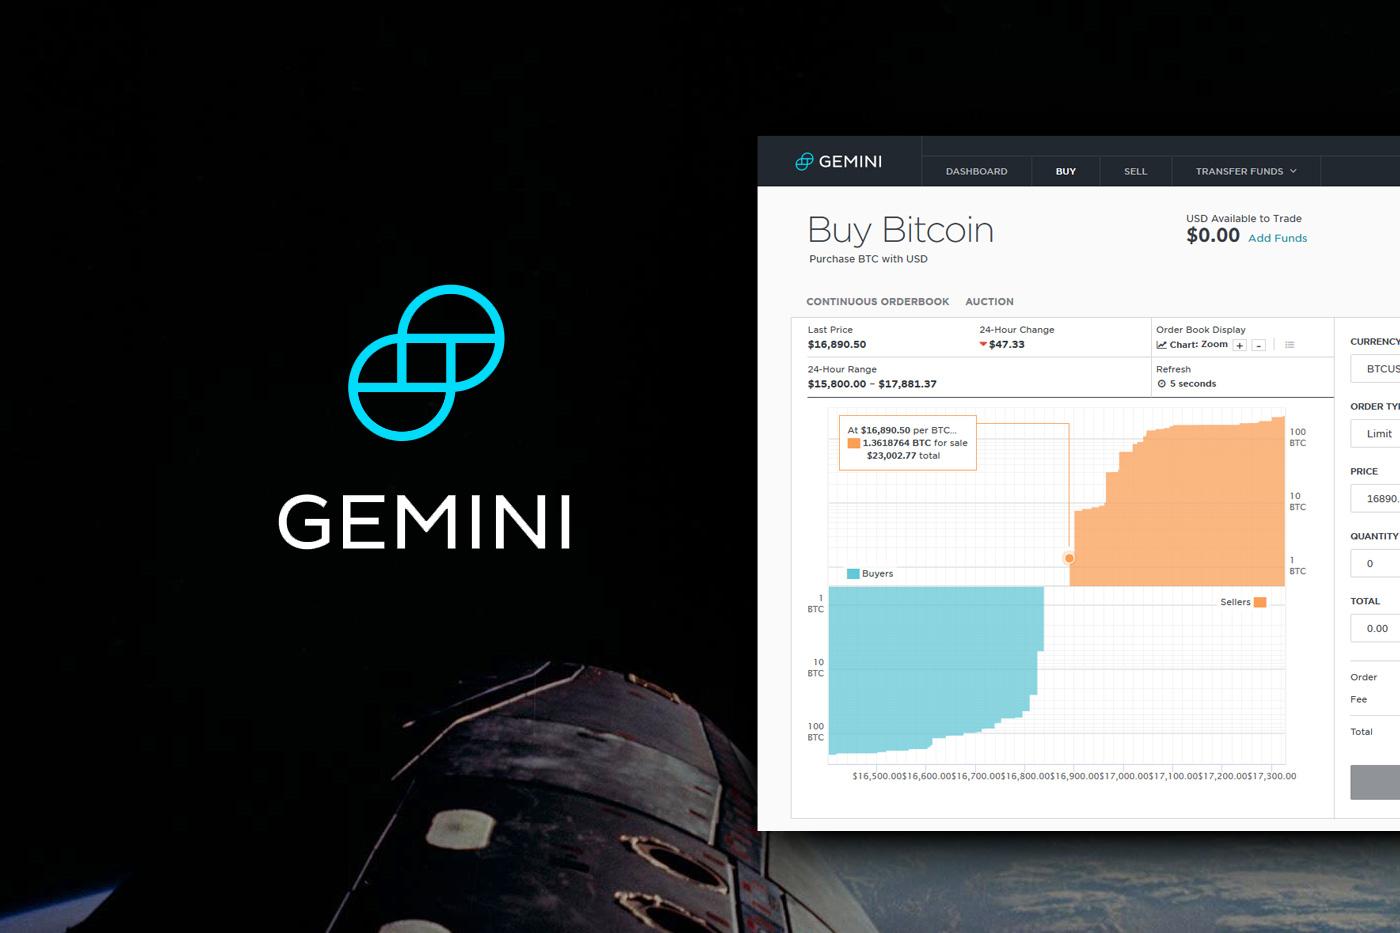 galiu nusipirkti bitcoin per ameritriadą)